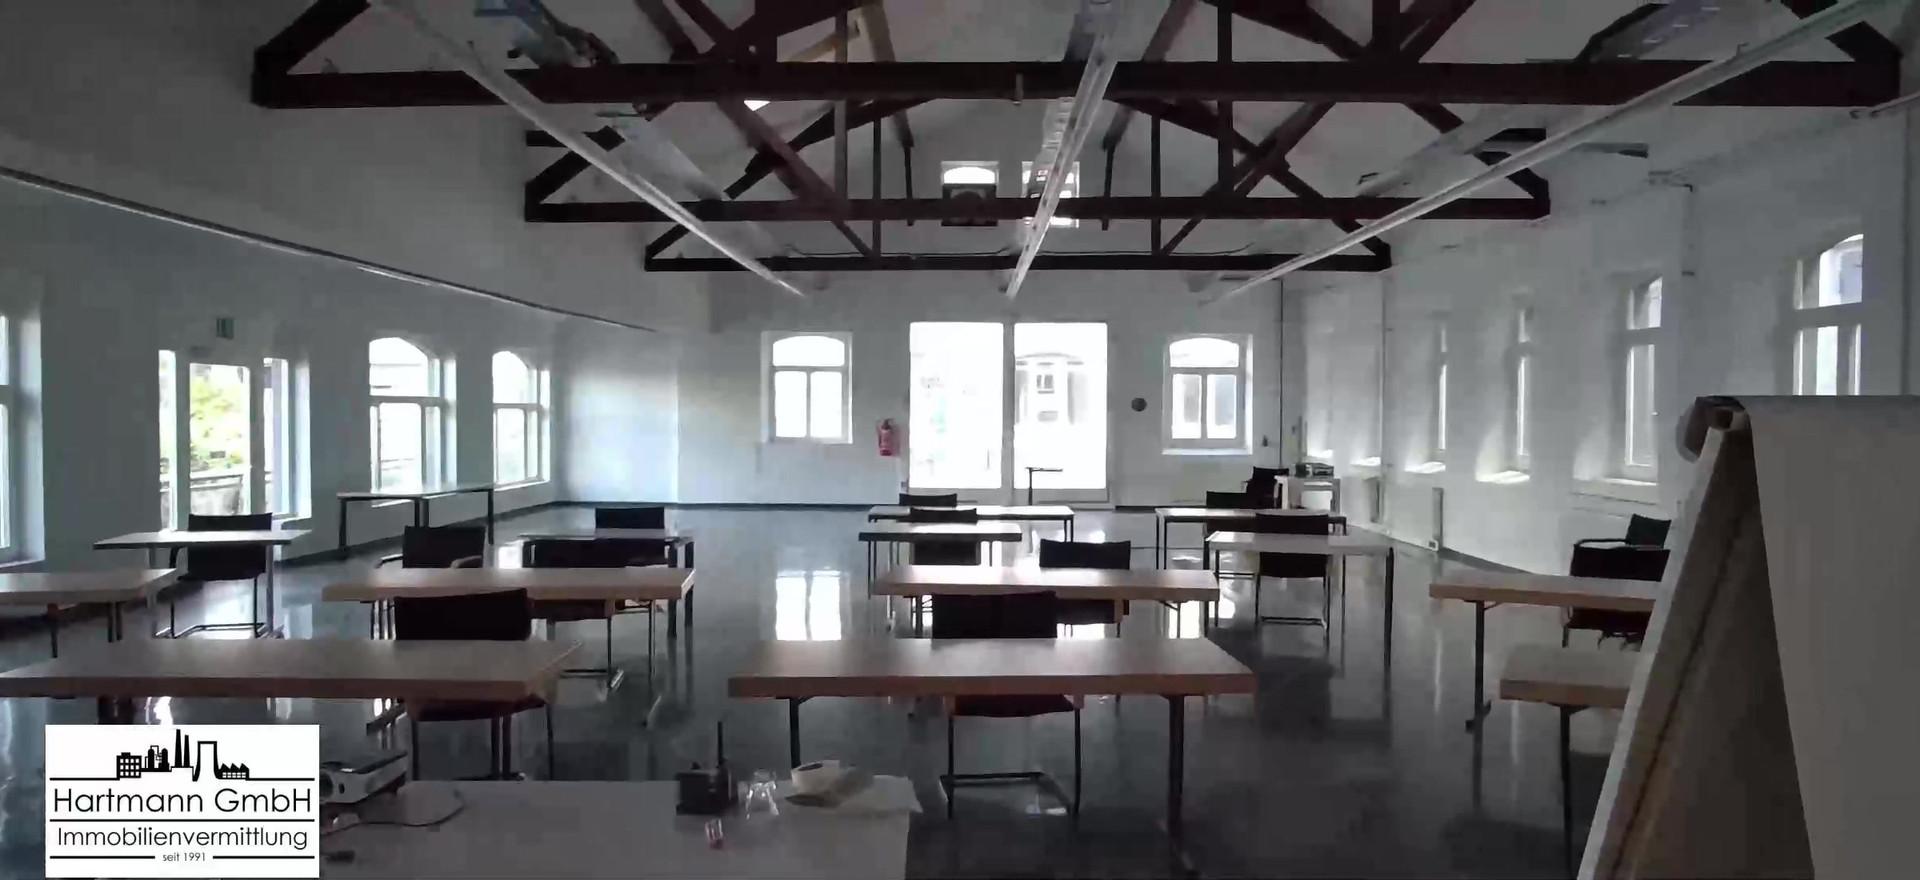 Blick in einen Konferenzraum